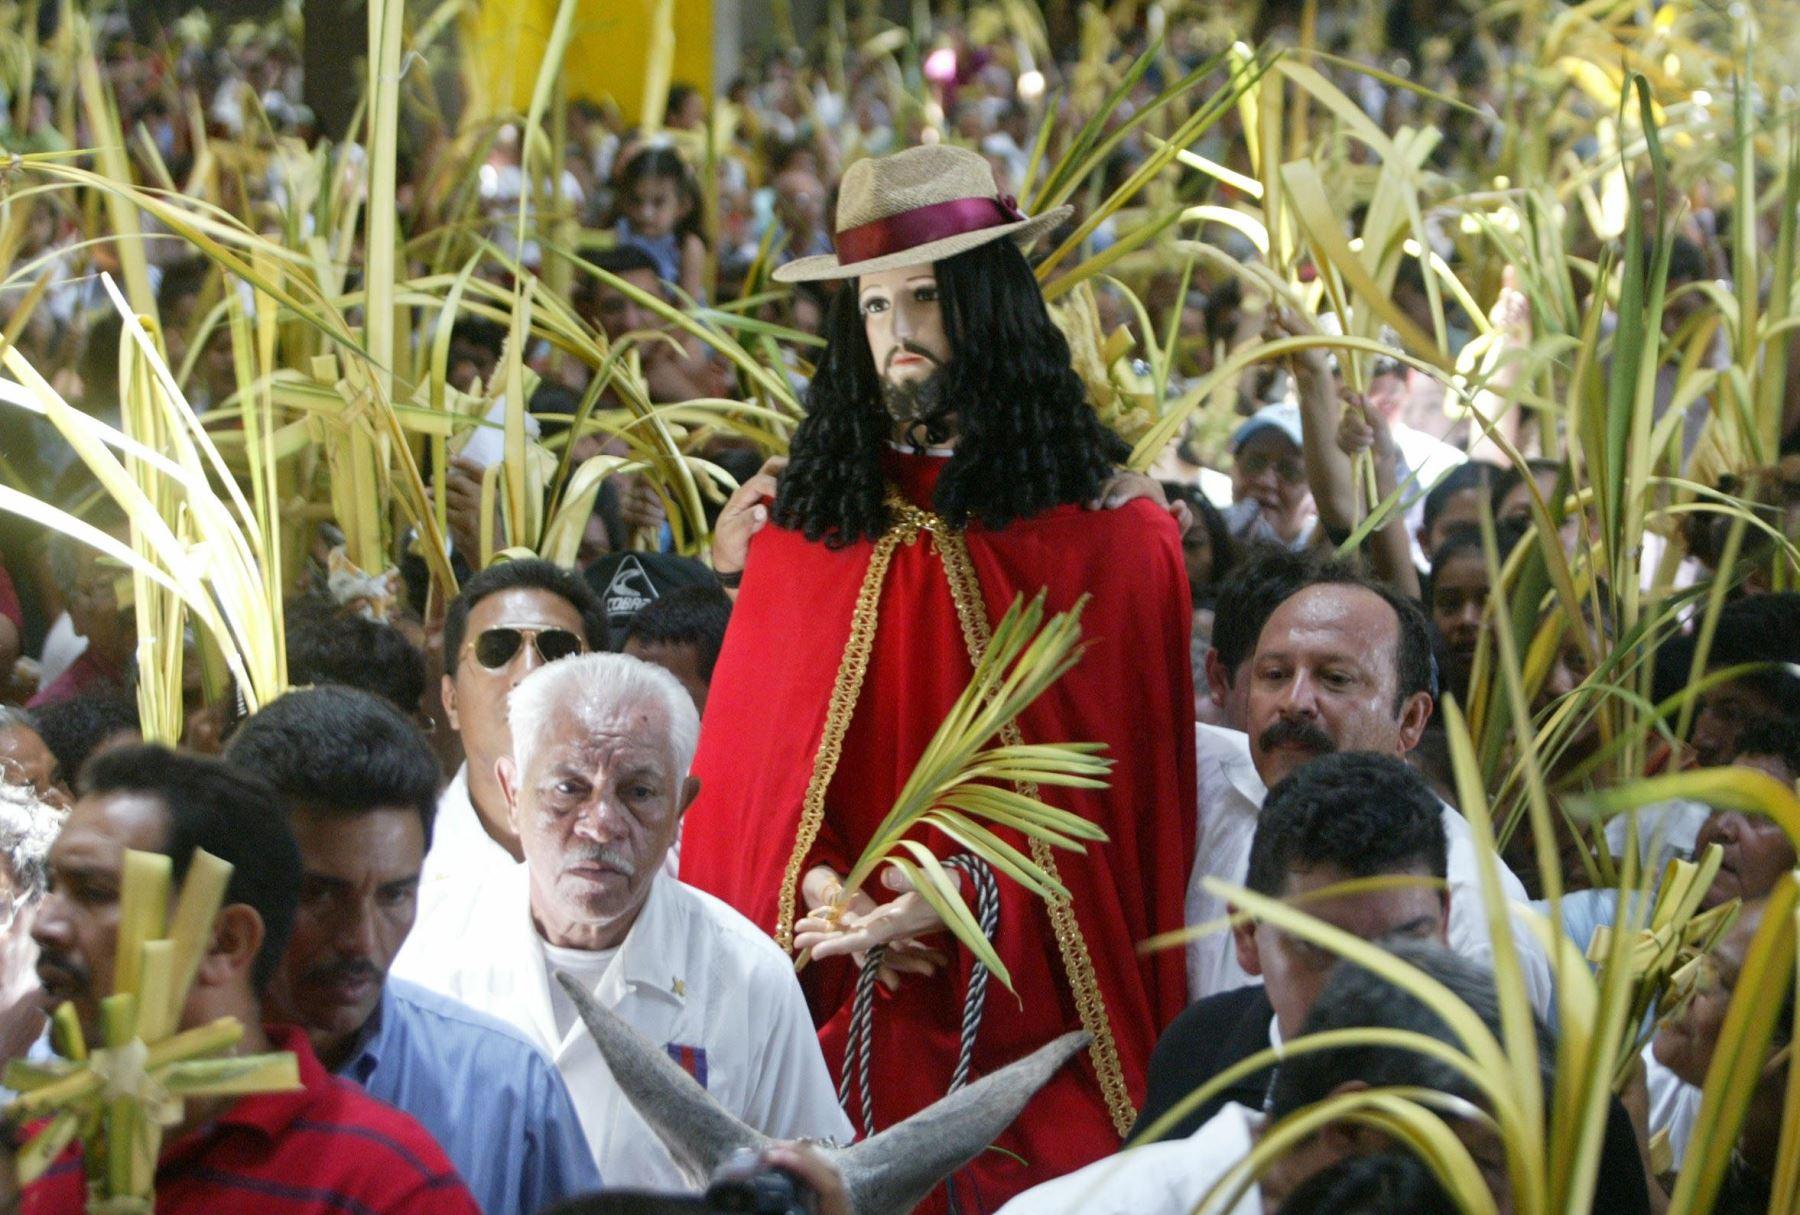 Fieles participan de la procesión correspondiente al Domingo de Ramos a la entrada de la catedral metropolitana de Managua, Nicaragua. Miles de creyentes participaron en la celebración de la festividad que marca el inicio de la llamada Semana Santa en Nicaragua. Foto: AFP